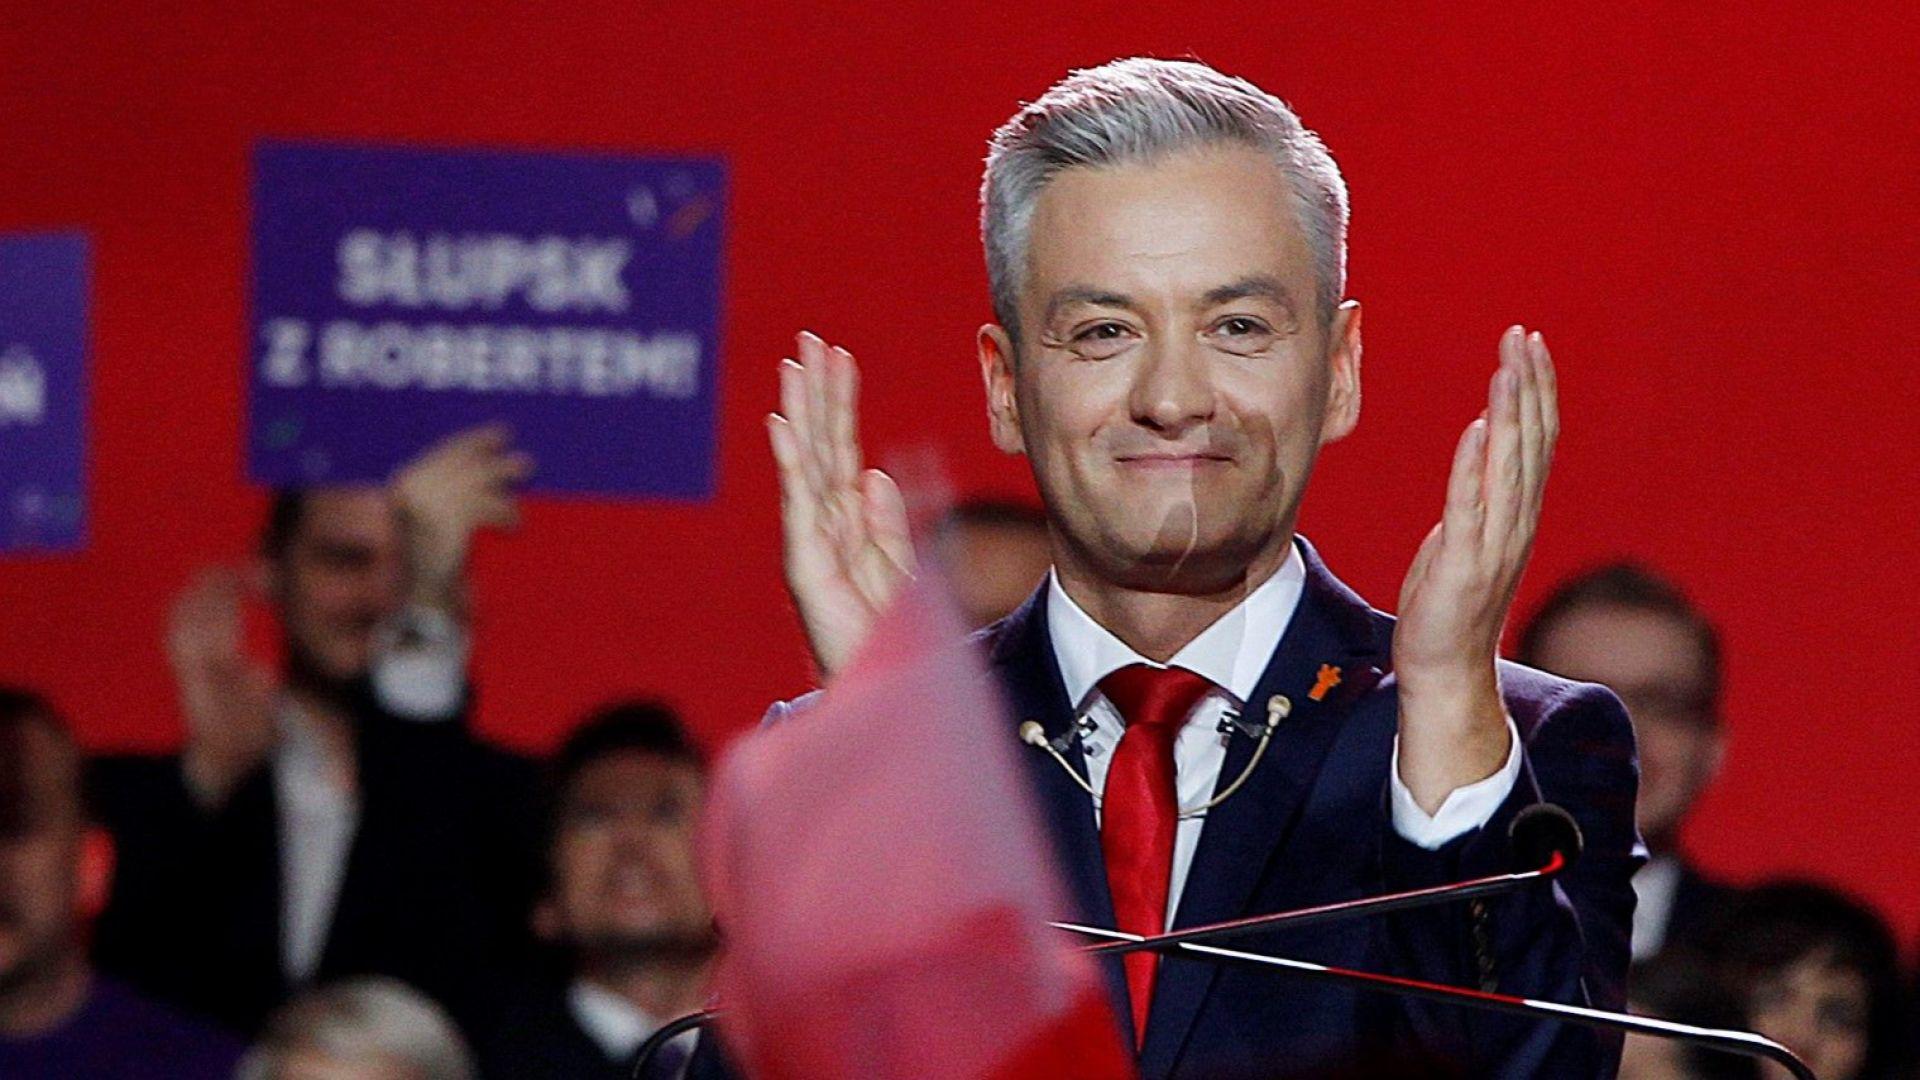 Роберт Бедрон - обаятелен хомосексуалист, който иска да промени Полша